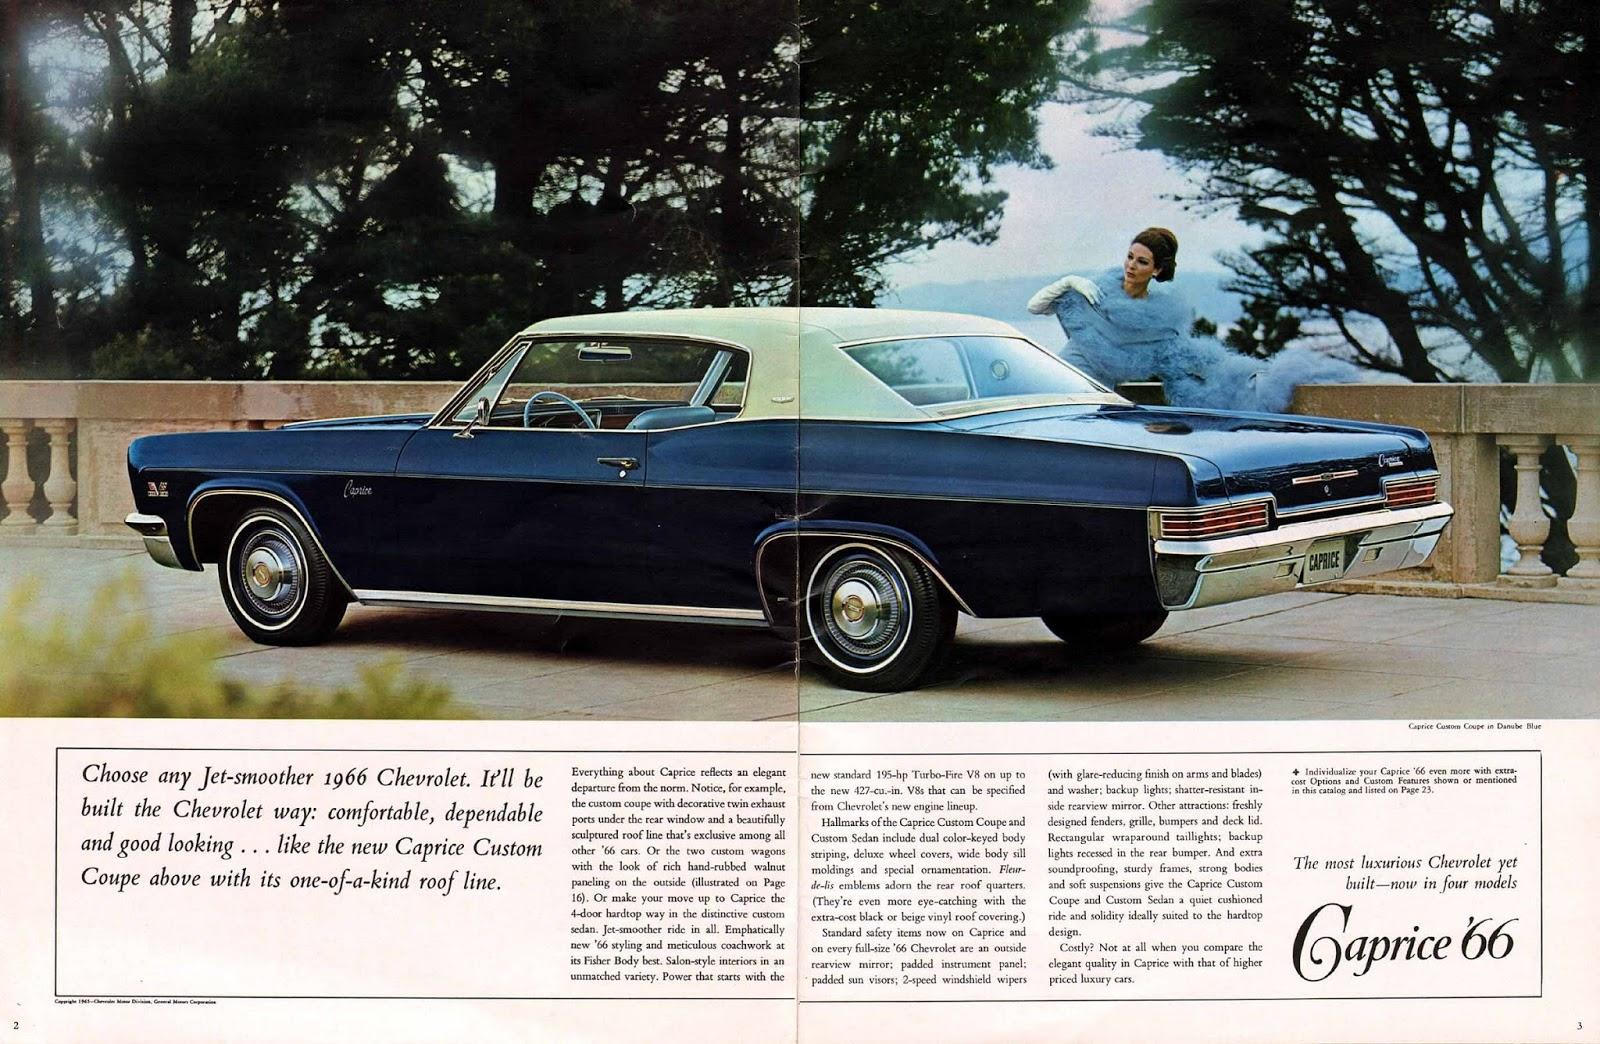 Chevrolet Caprice Brochure 1966 Stuurman Classic And Special Cars Clic Super Originele En Hele Mooie Coupe Uit Van Eerste Eigenaar Nog In De Lak Met Een 327 V8 Airconditioning